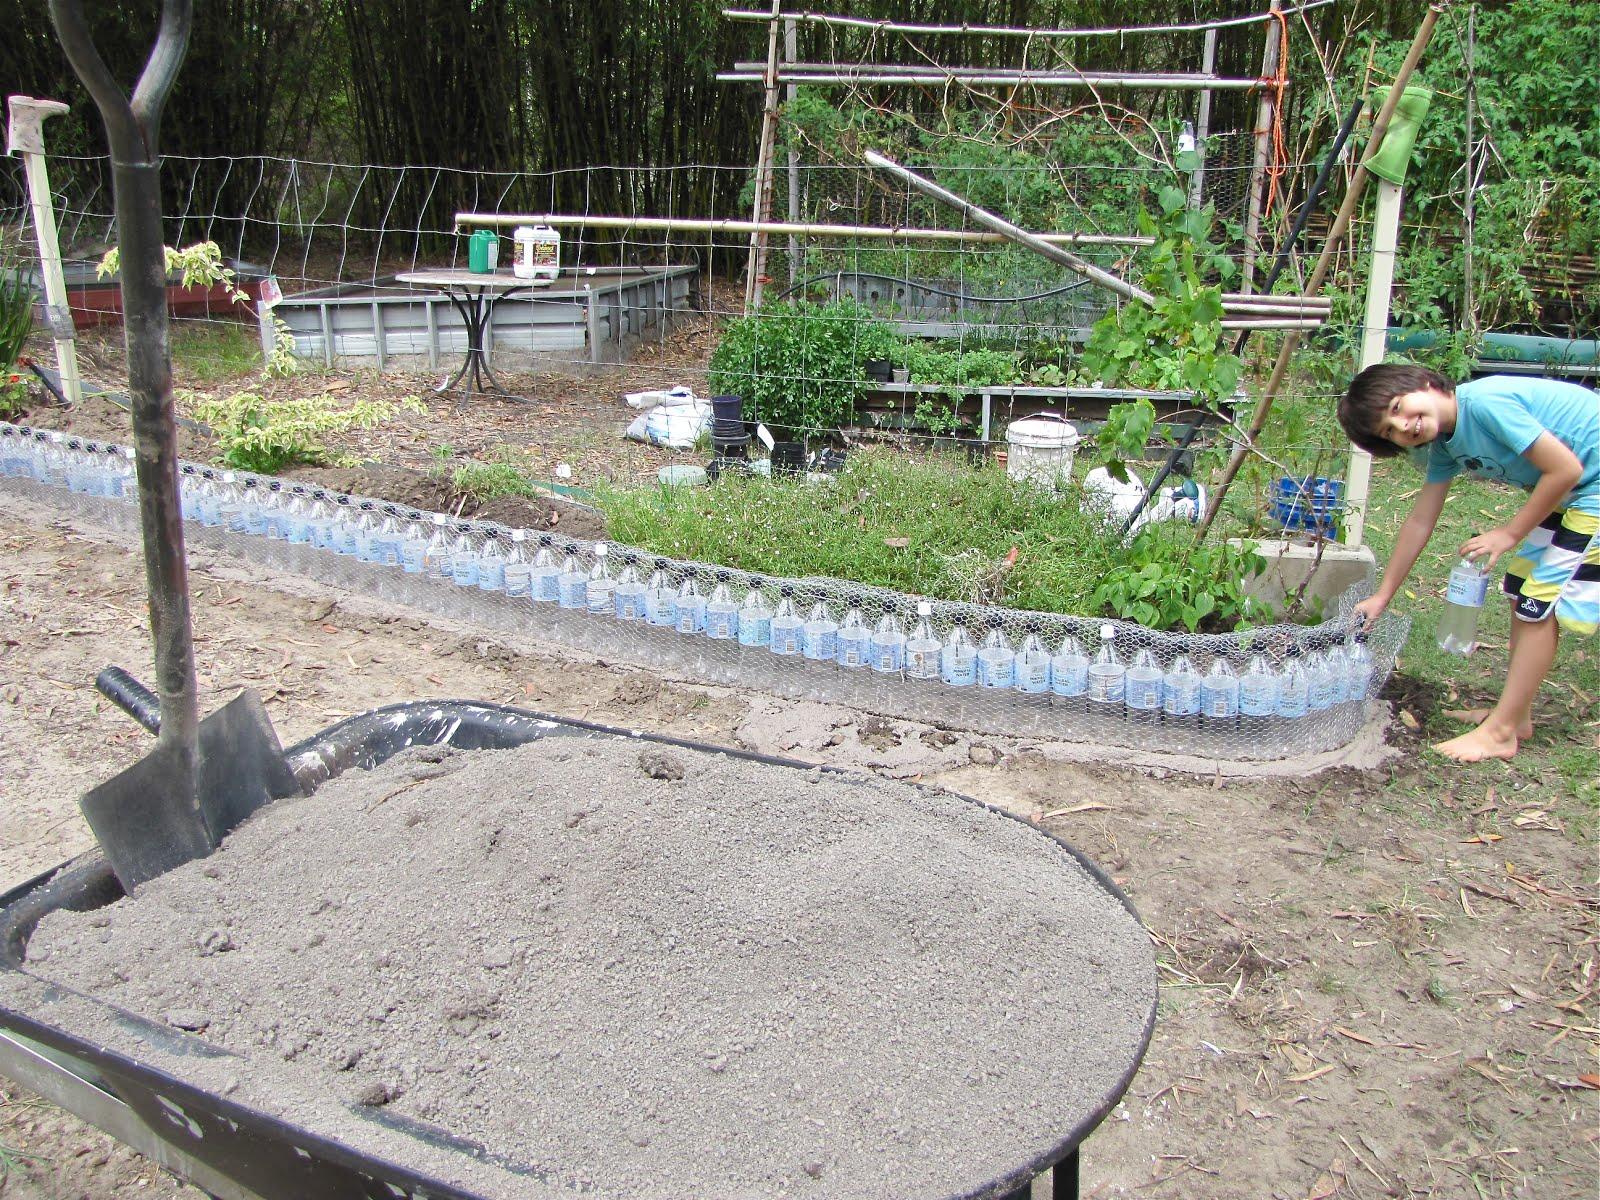 Recycled Plastic Bottle Garden Edge